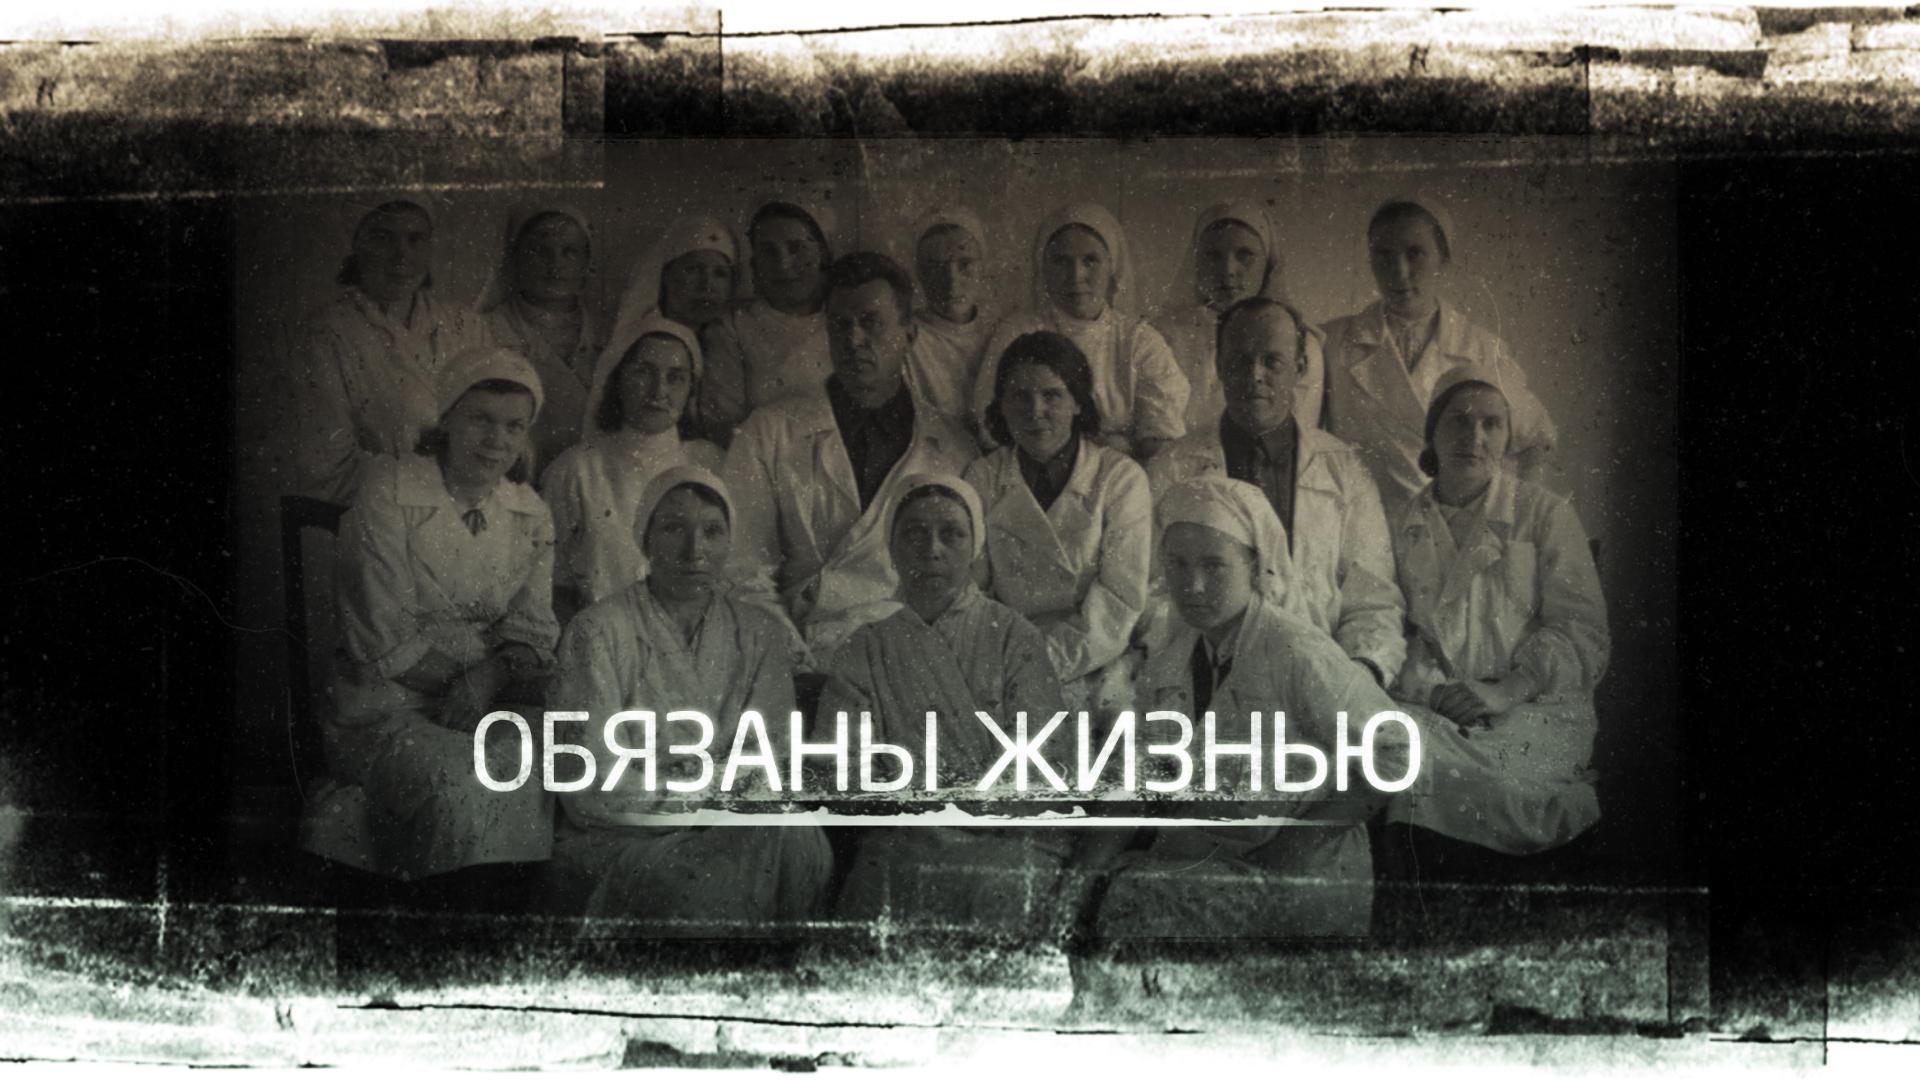 Фонд «ОМК-Участие» запускает проект в память о медицинских работниках в годы Великой Отечественной войны